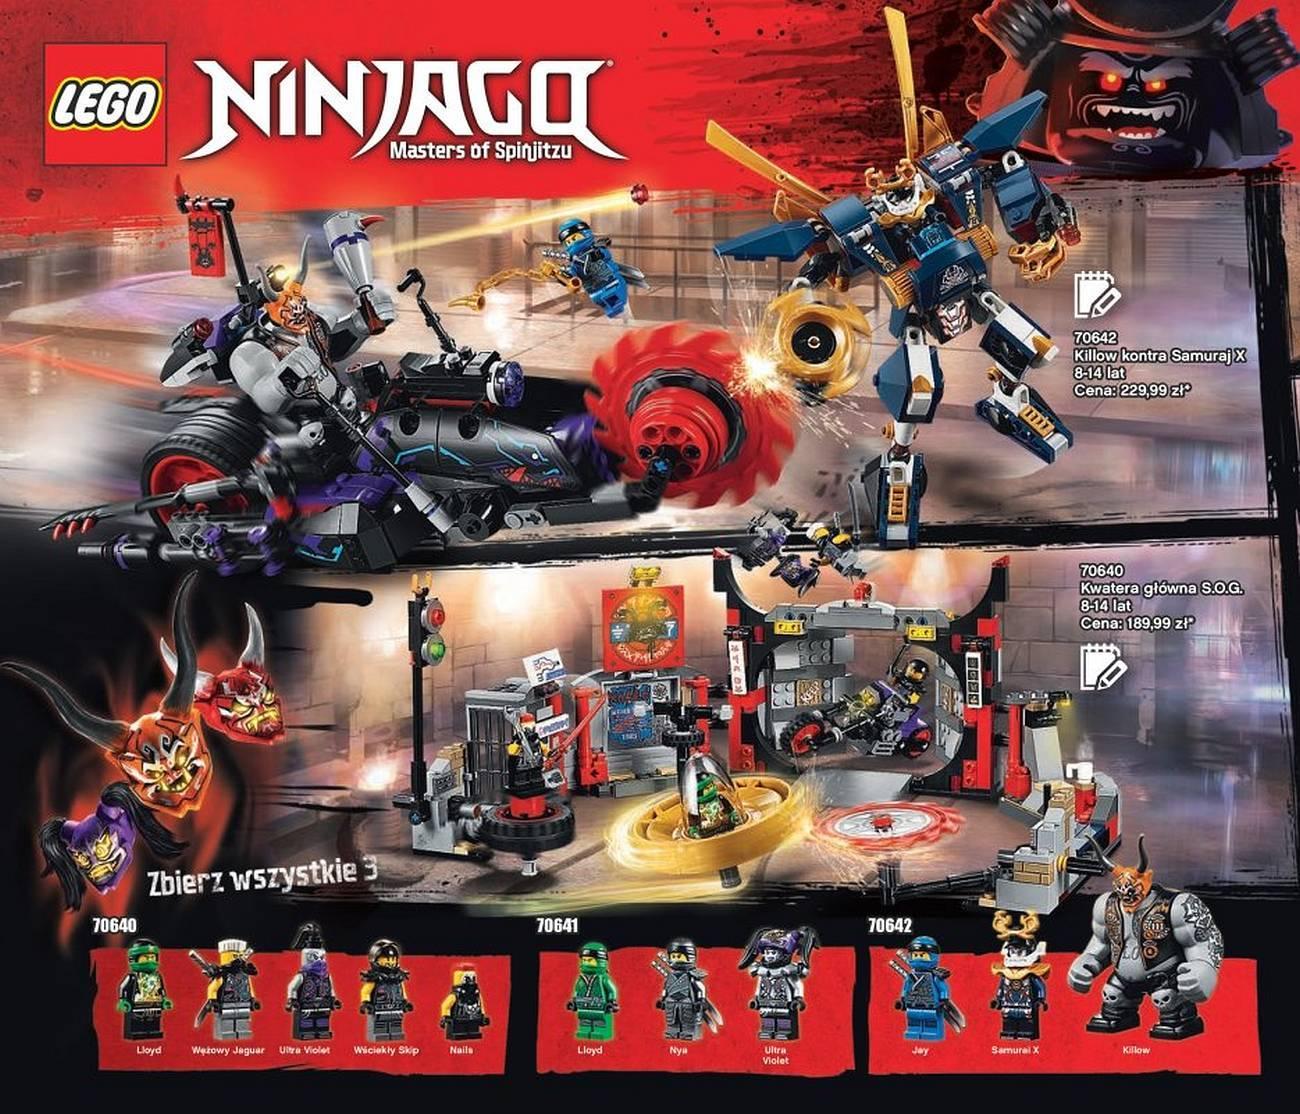 Gazetka Promocyjna I Reklamowa Tesco Katalog Lego Od 31082018